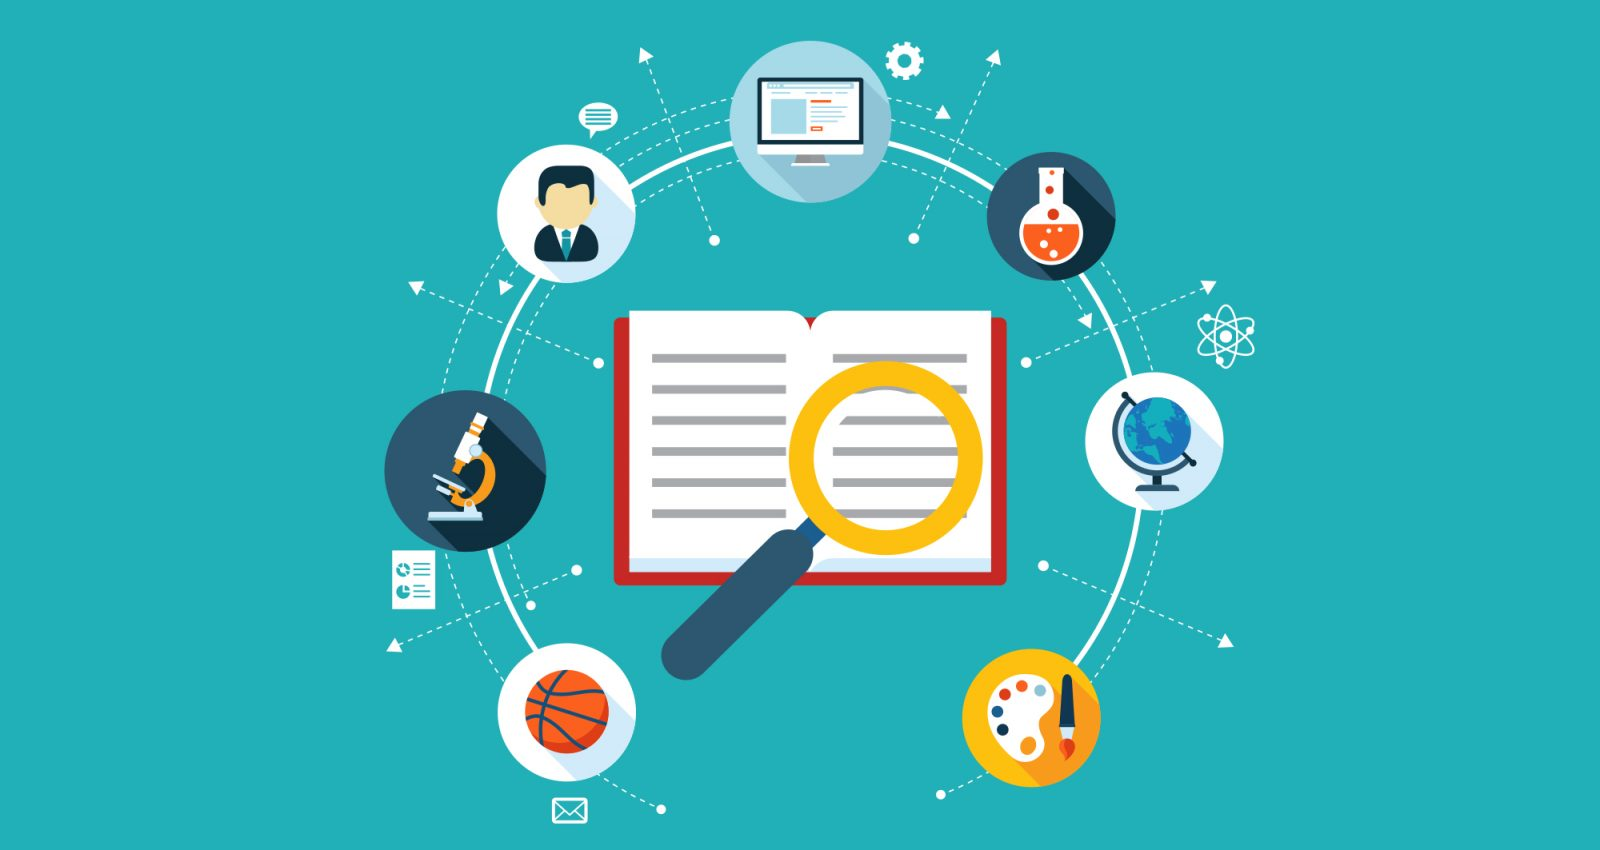 بررسی تحلیلی تحقیقات انجام شده در موضوع ارزشیابی کیفی توصیفی